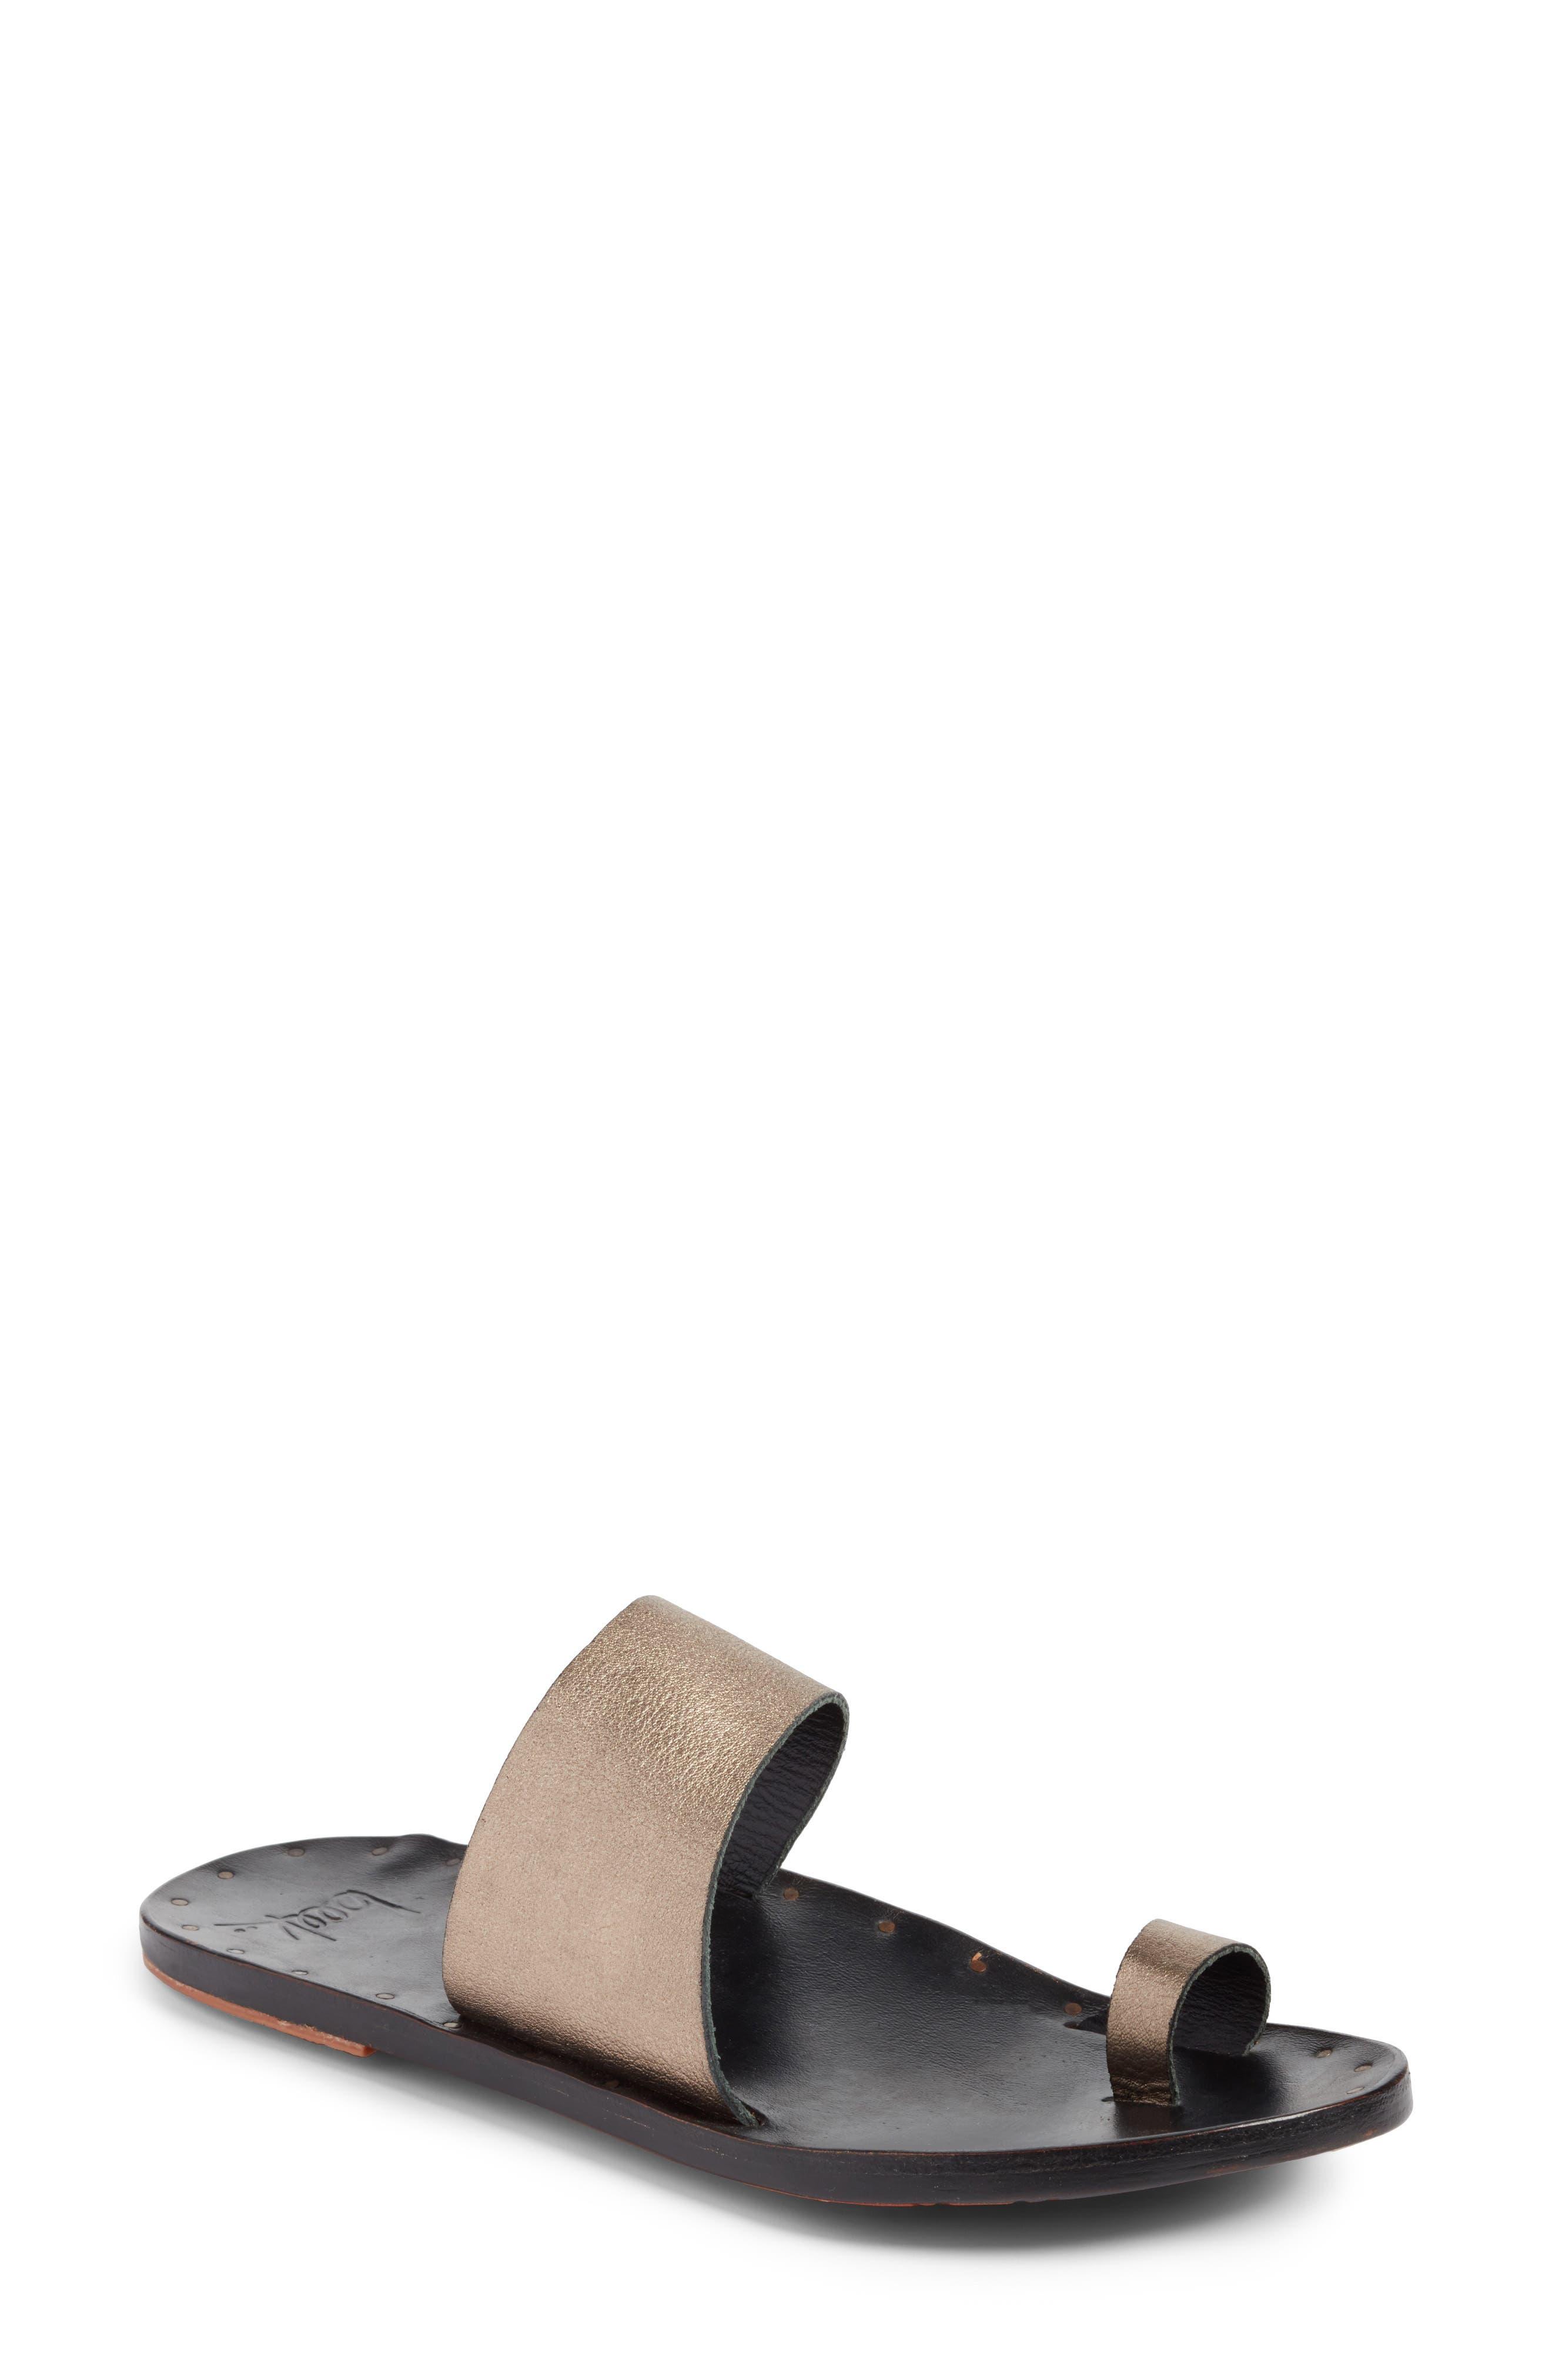 Women's Beek Shoes Sale \u0026 Clearance